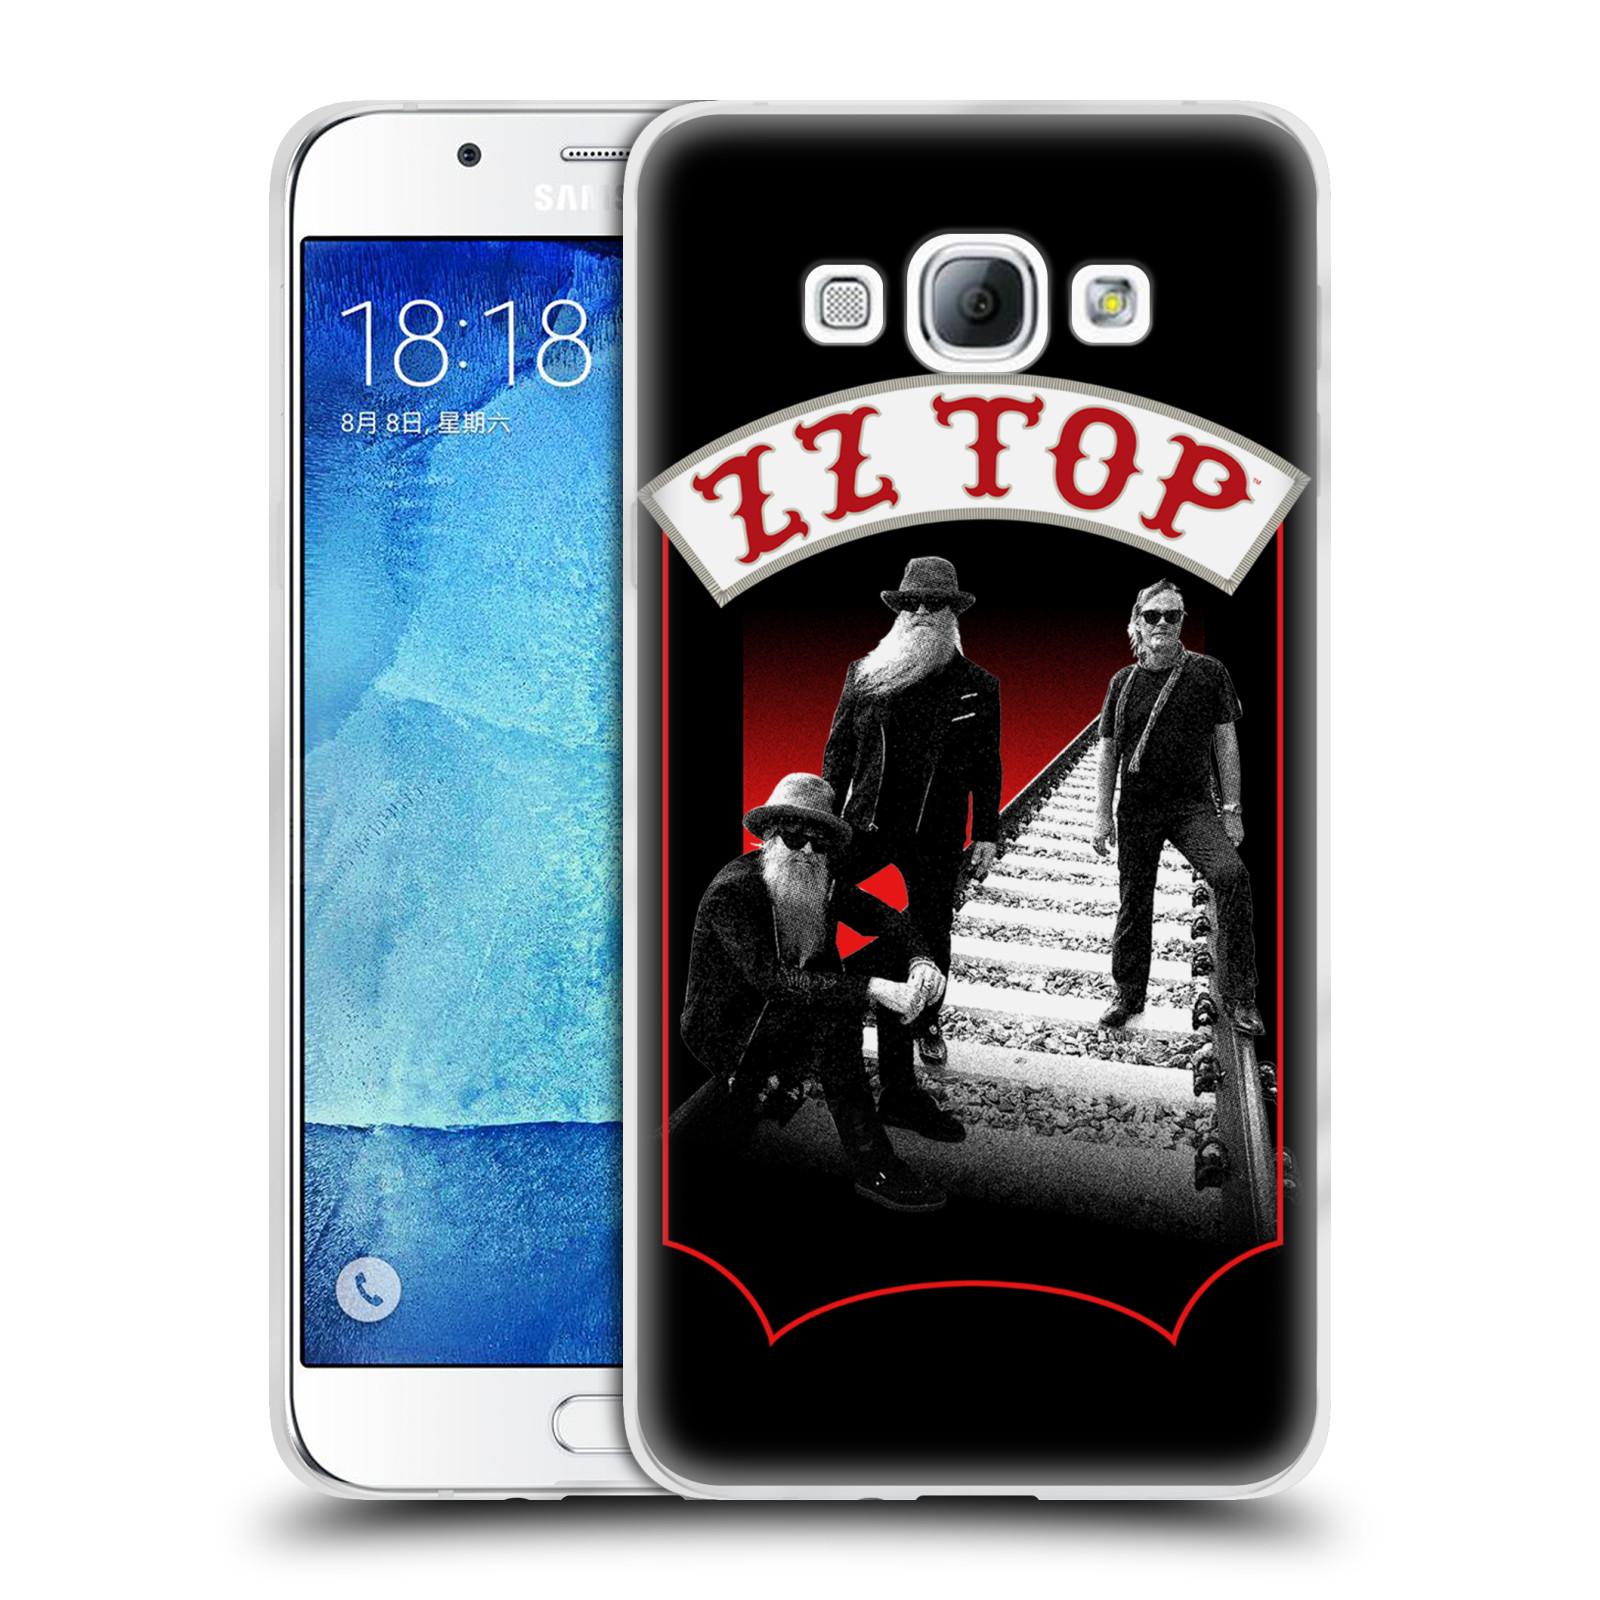 HEAD CASE silikonový obal na mobil Samsung Galaxy A8 2015 ZZ Top koleje zpěváci